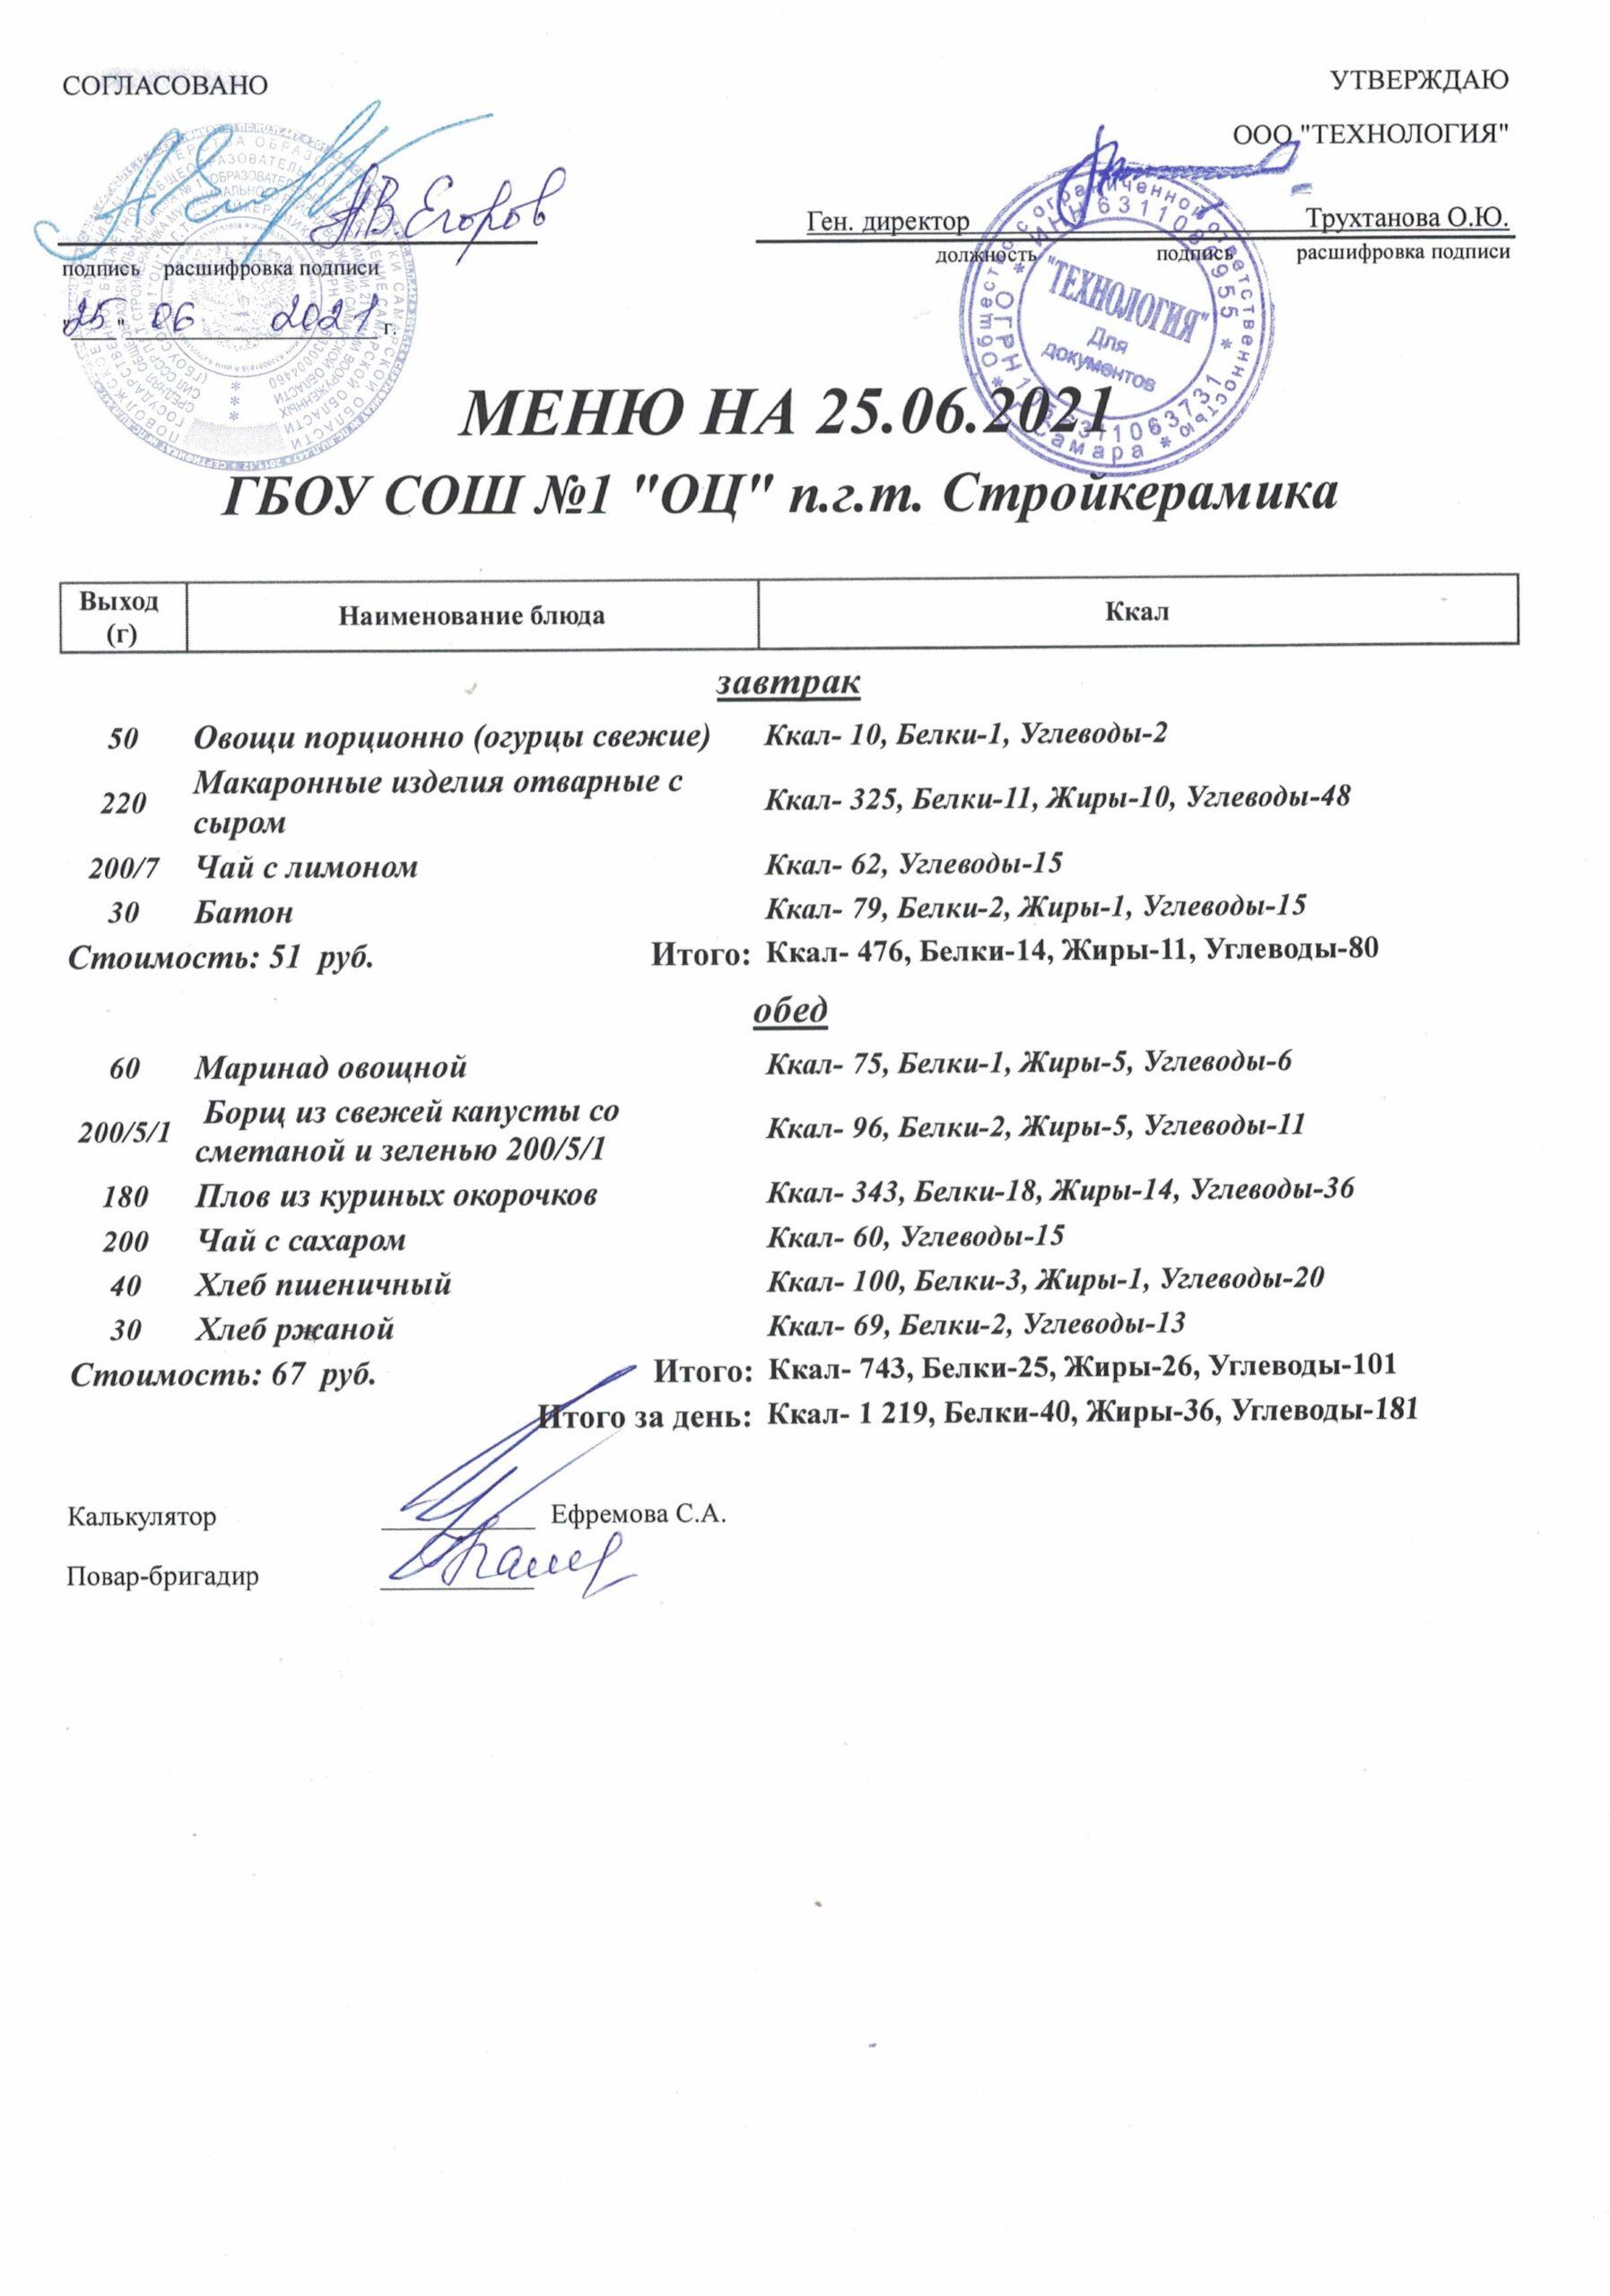 475871D2-DD7D-452C-9E6D-BECBEC768FDC